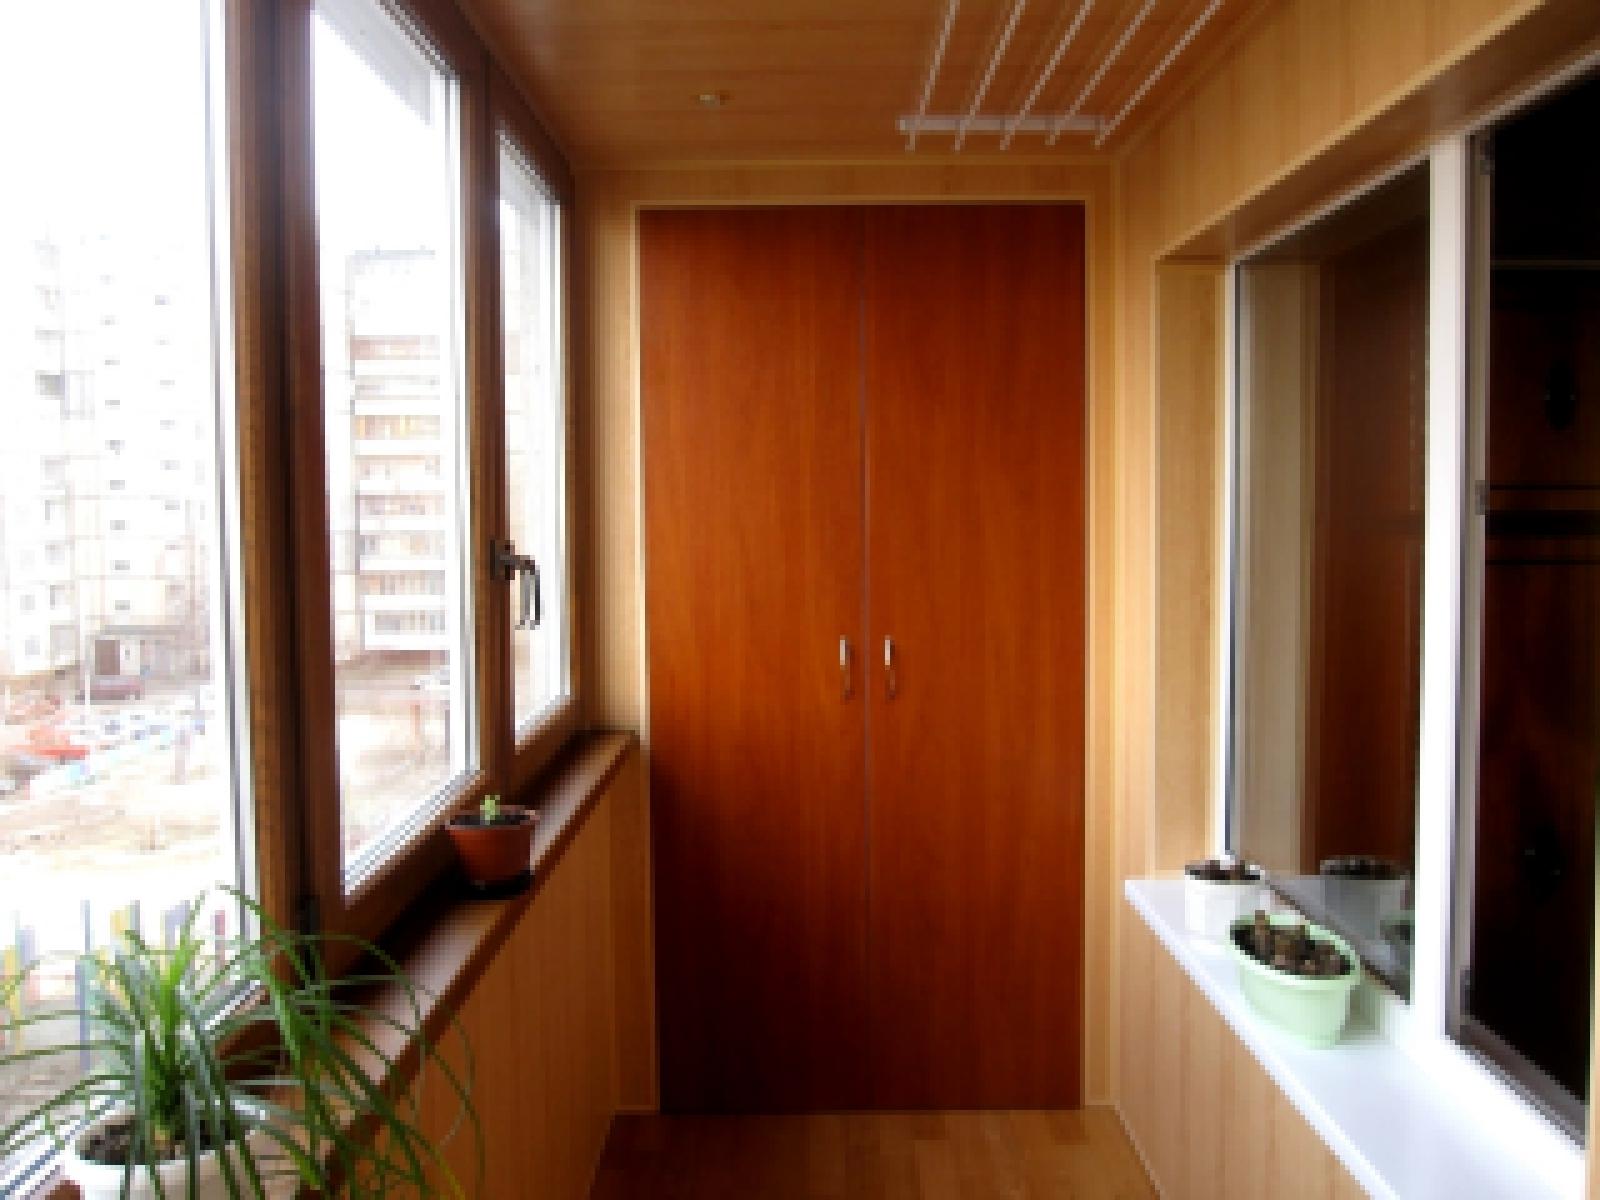 Примеры отделки балконов пластиковыми панелями, цены от прои.